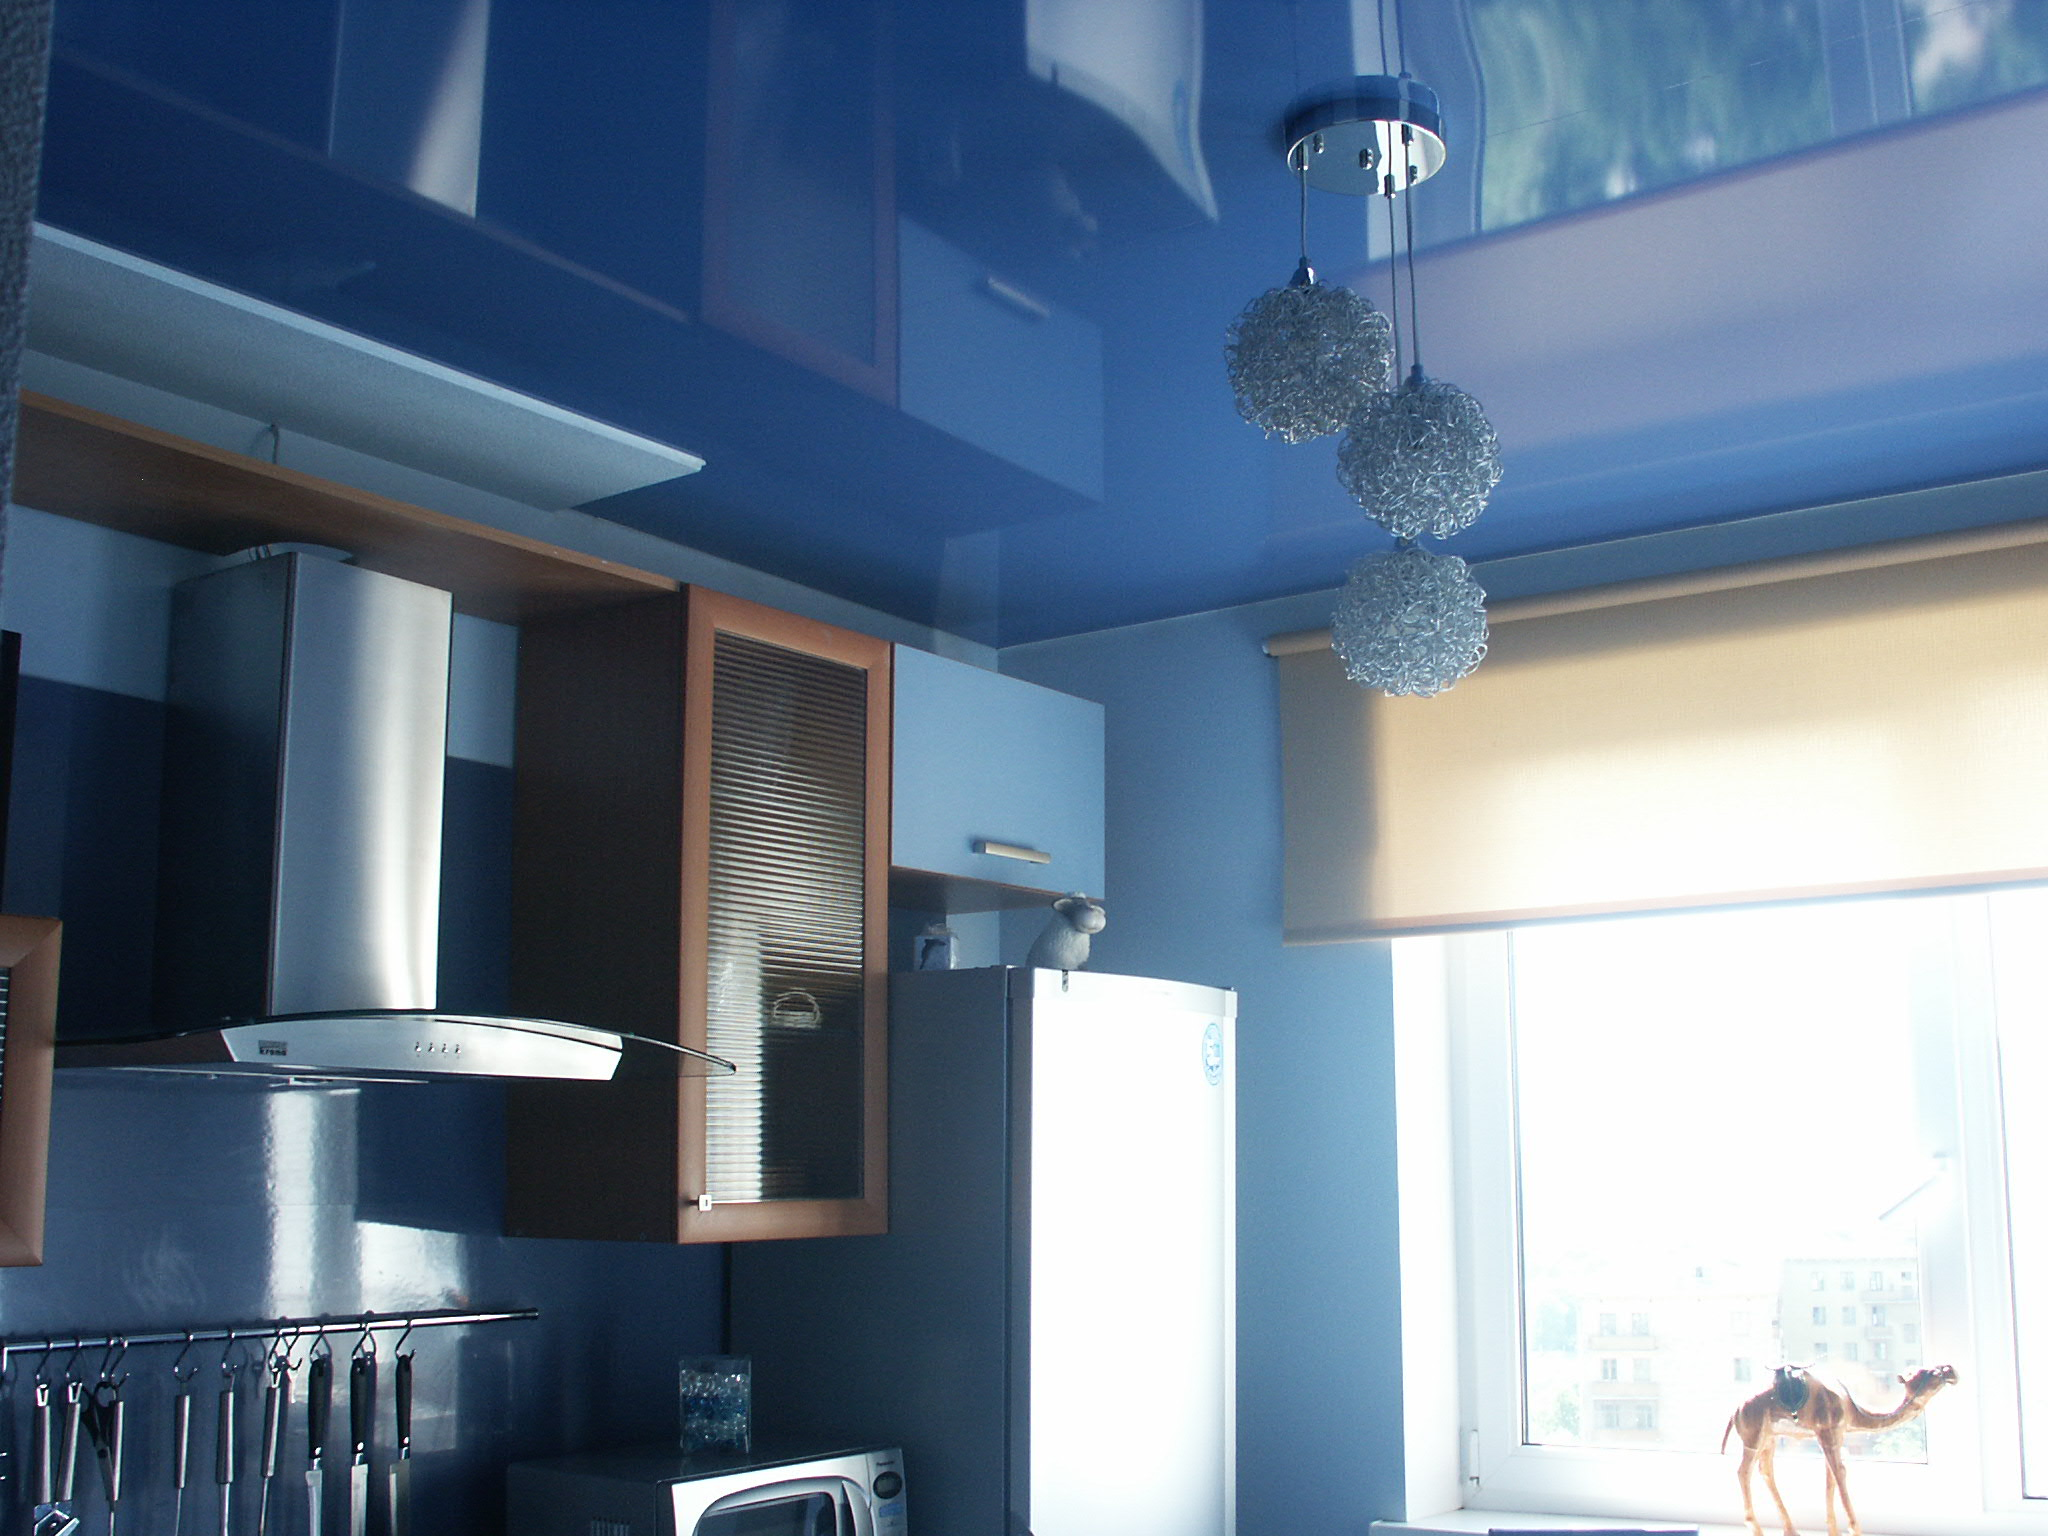 Натяжной потолок может скрыть все неровности и погрешности потолка